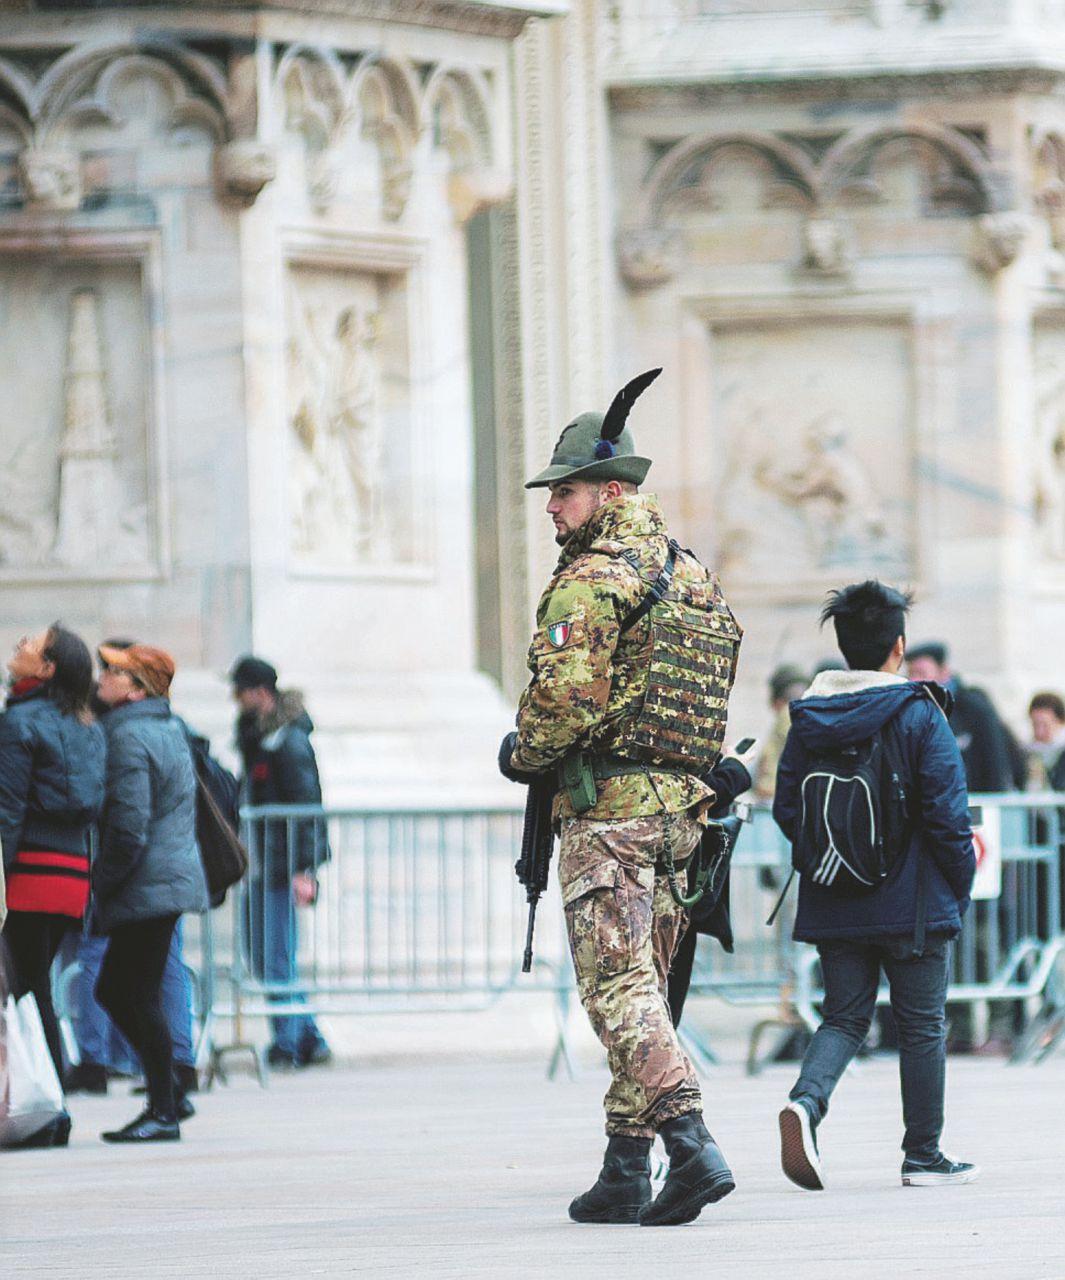 Sala invoca l'esercito a Milano, ma i militari (così) sono inutili